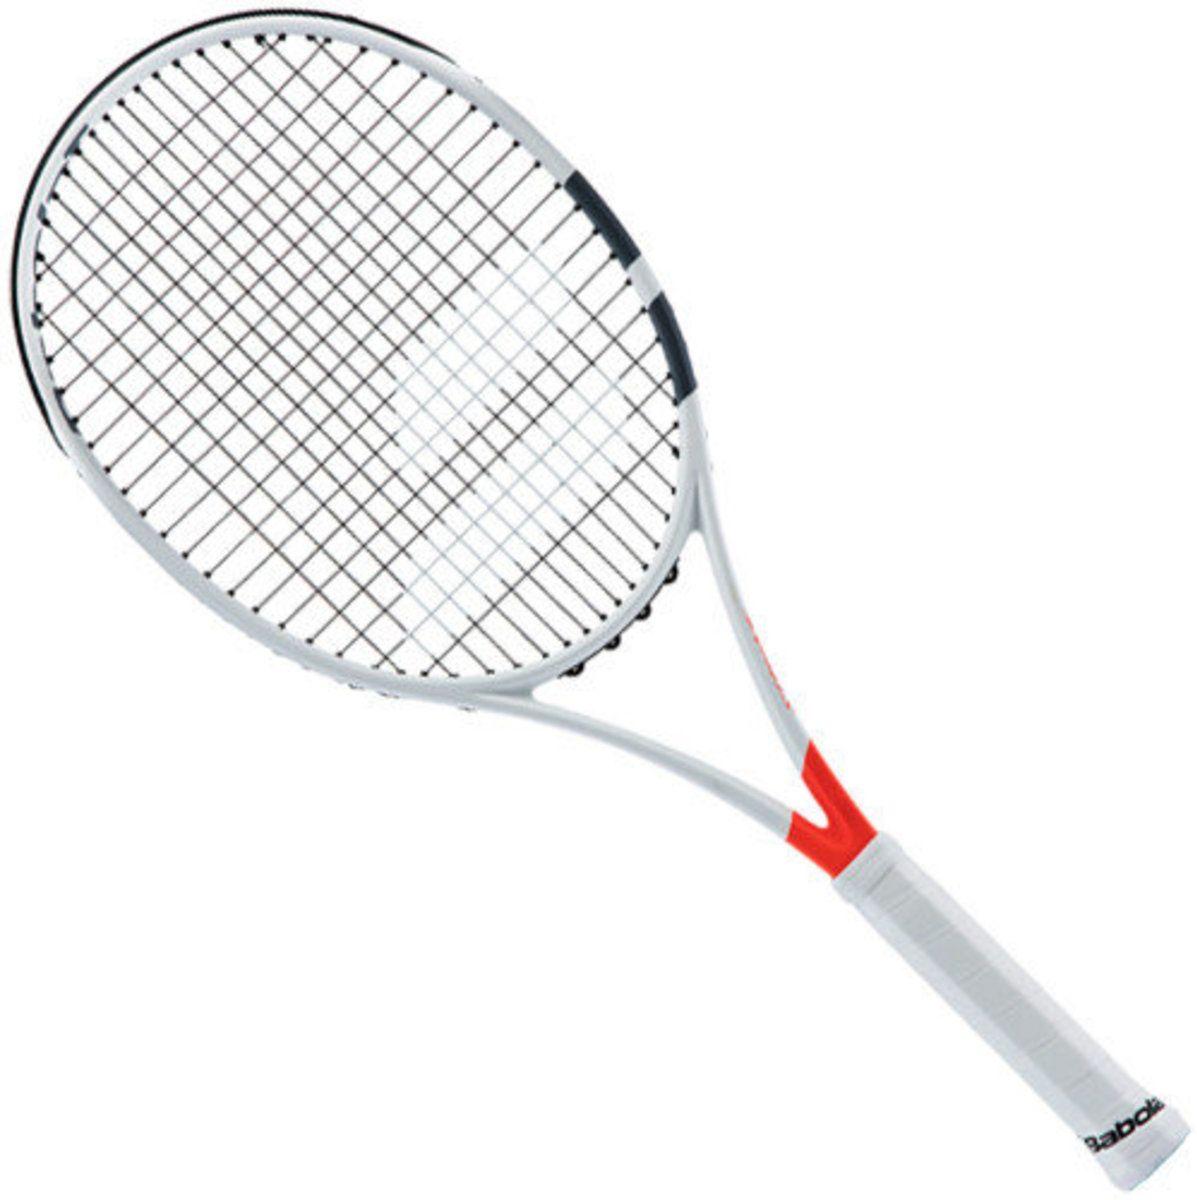 Ракетка теннисная Babolat Pure Strike Team, без натяжки. Размер 3101285Теннисная ракетка Babolat Pure Strike Team предназначена для игроков, которые наносят удар первыми, которые ускоряют мяч и нуждаются в быстрой реакции для увеличения точности игры. Оптимизированная струнная формула с более широким шагом между поперечными струнами обеспечивает большую мощность. Технология гибридной рамы (Hybrid Frame Technology) создает уникальную комбинацию мощности и контроля. Более широкие обод на 3/9/12 часов и напротив шейки увеличивает точность и повышает стабильность при ударе по мячу. Размер головы 100 дюймов и облегченный вес ракетки для улучшенных игровых характеристик и повышенной маневренности.Вес без струн: 285 граммРазмер обода: 100 дюймов/ 645 см2Длина: 68,5 смБаланс: 330 ммЖесткость : 70 raСтрунная формула: 16/19